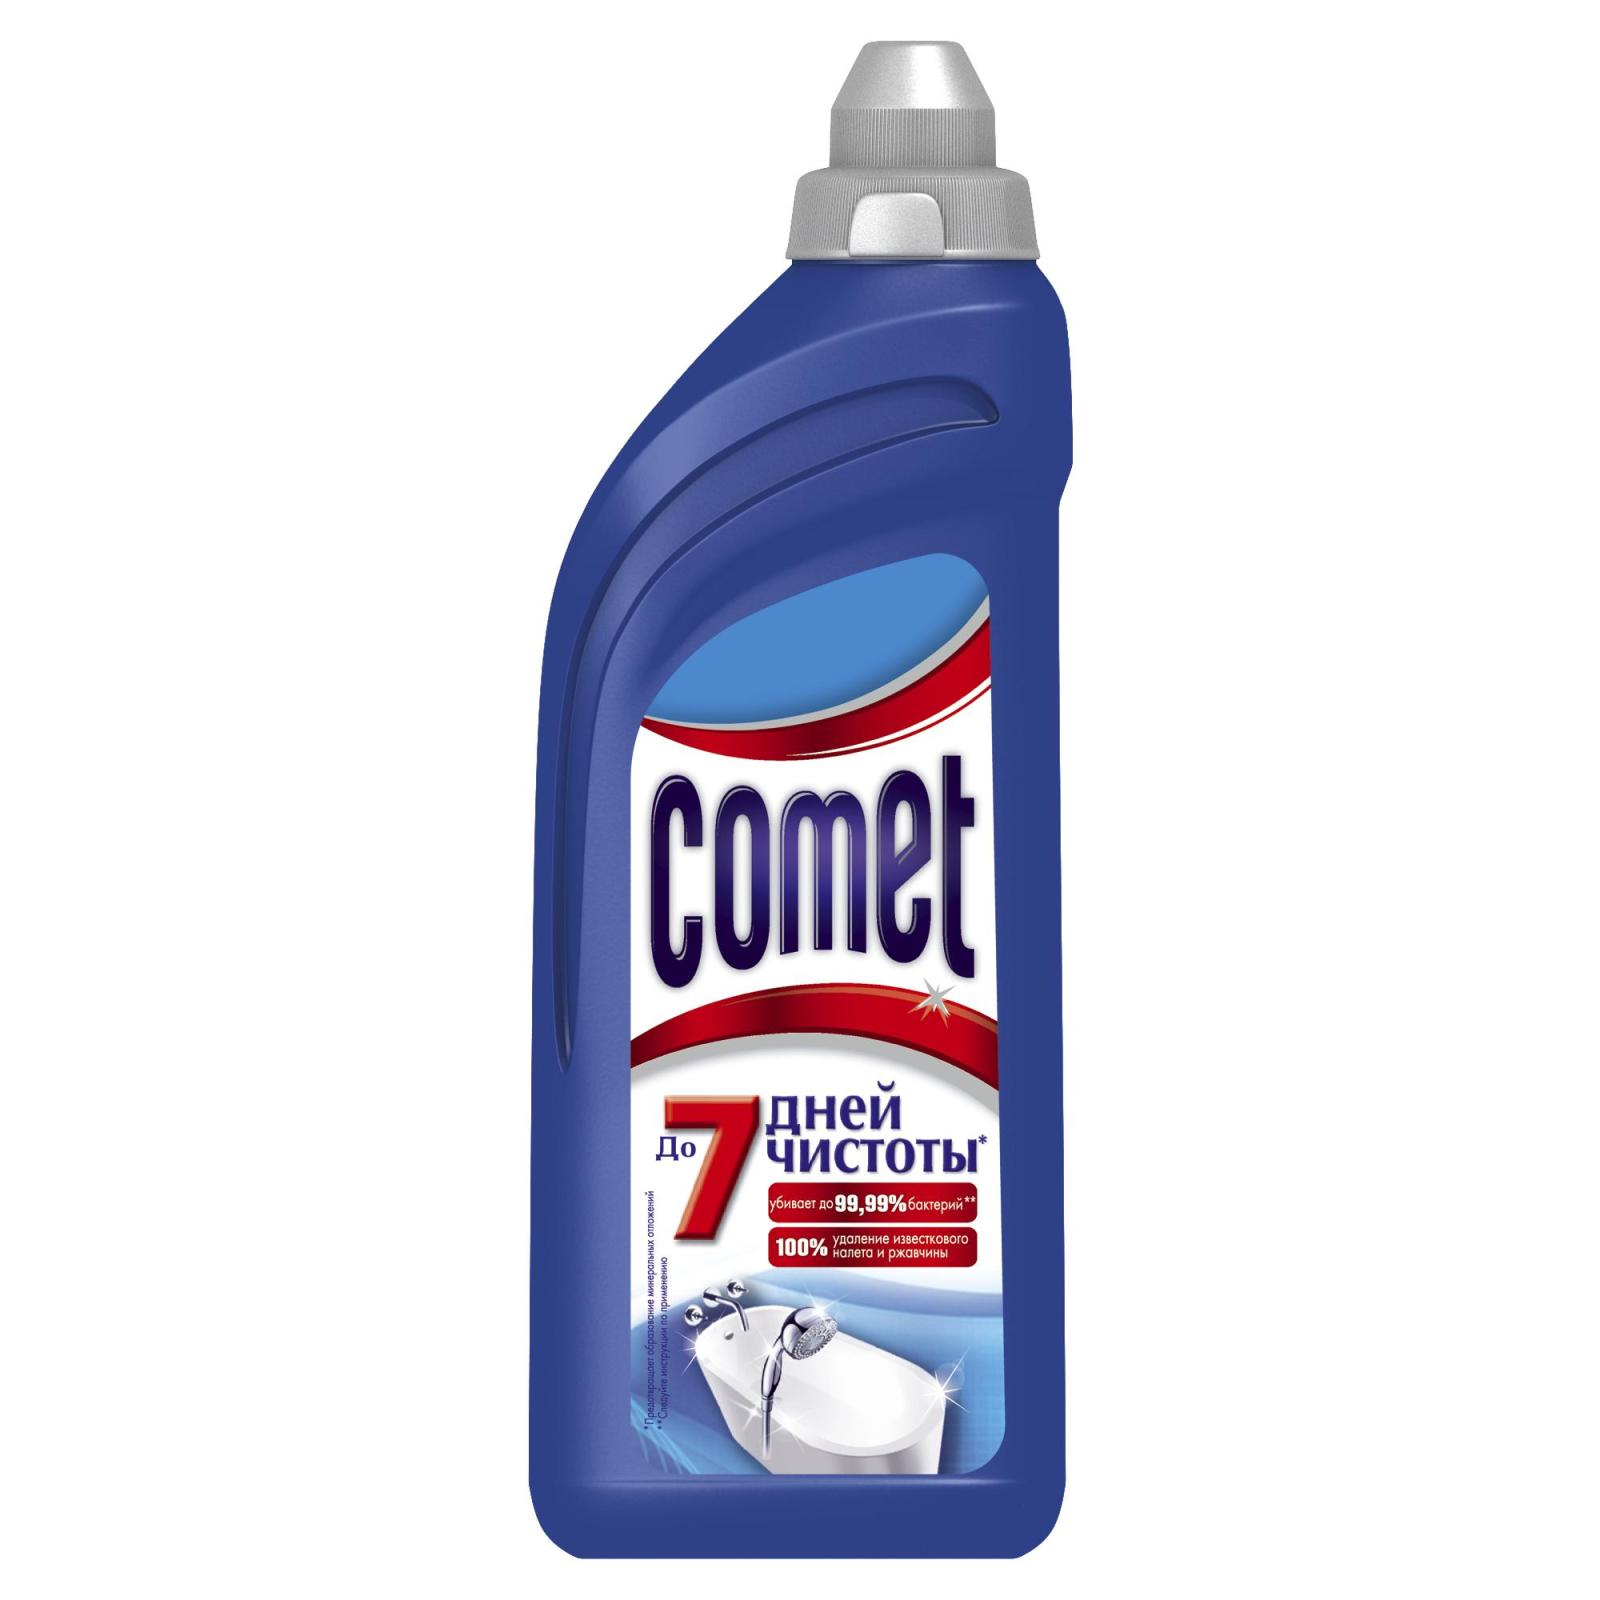 Гель для чистки ванн Comet для ванной комнаты 500 мл (5413149499720)